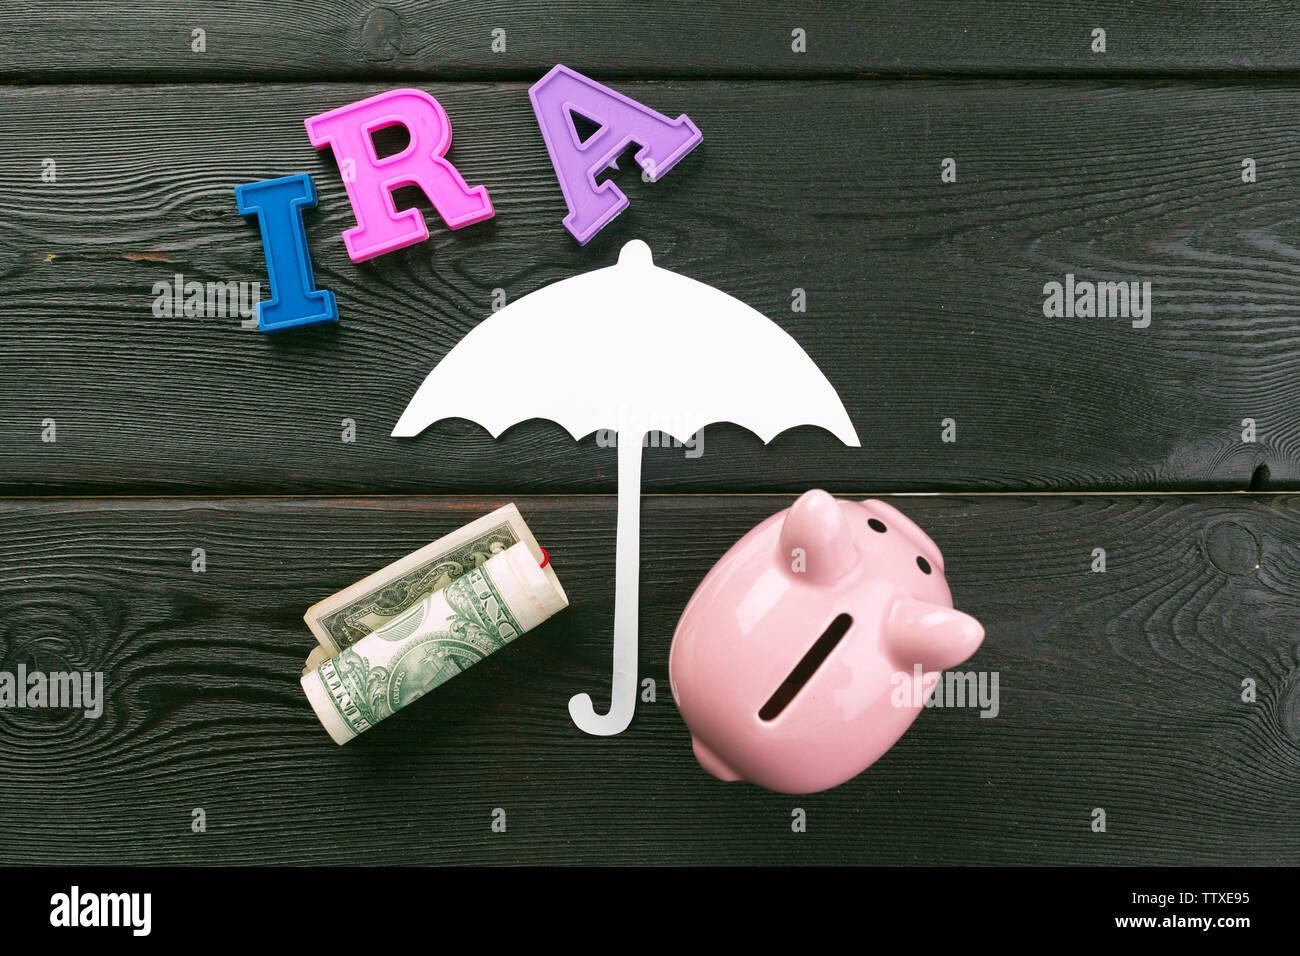 Pension concept.Retirement plans. Stock Photo